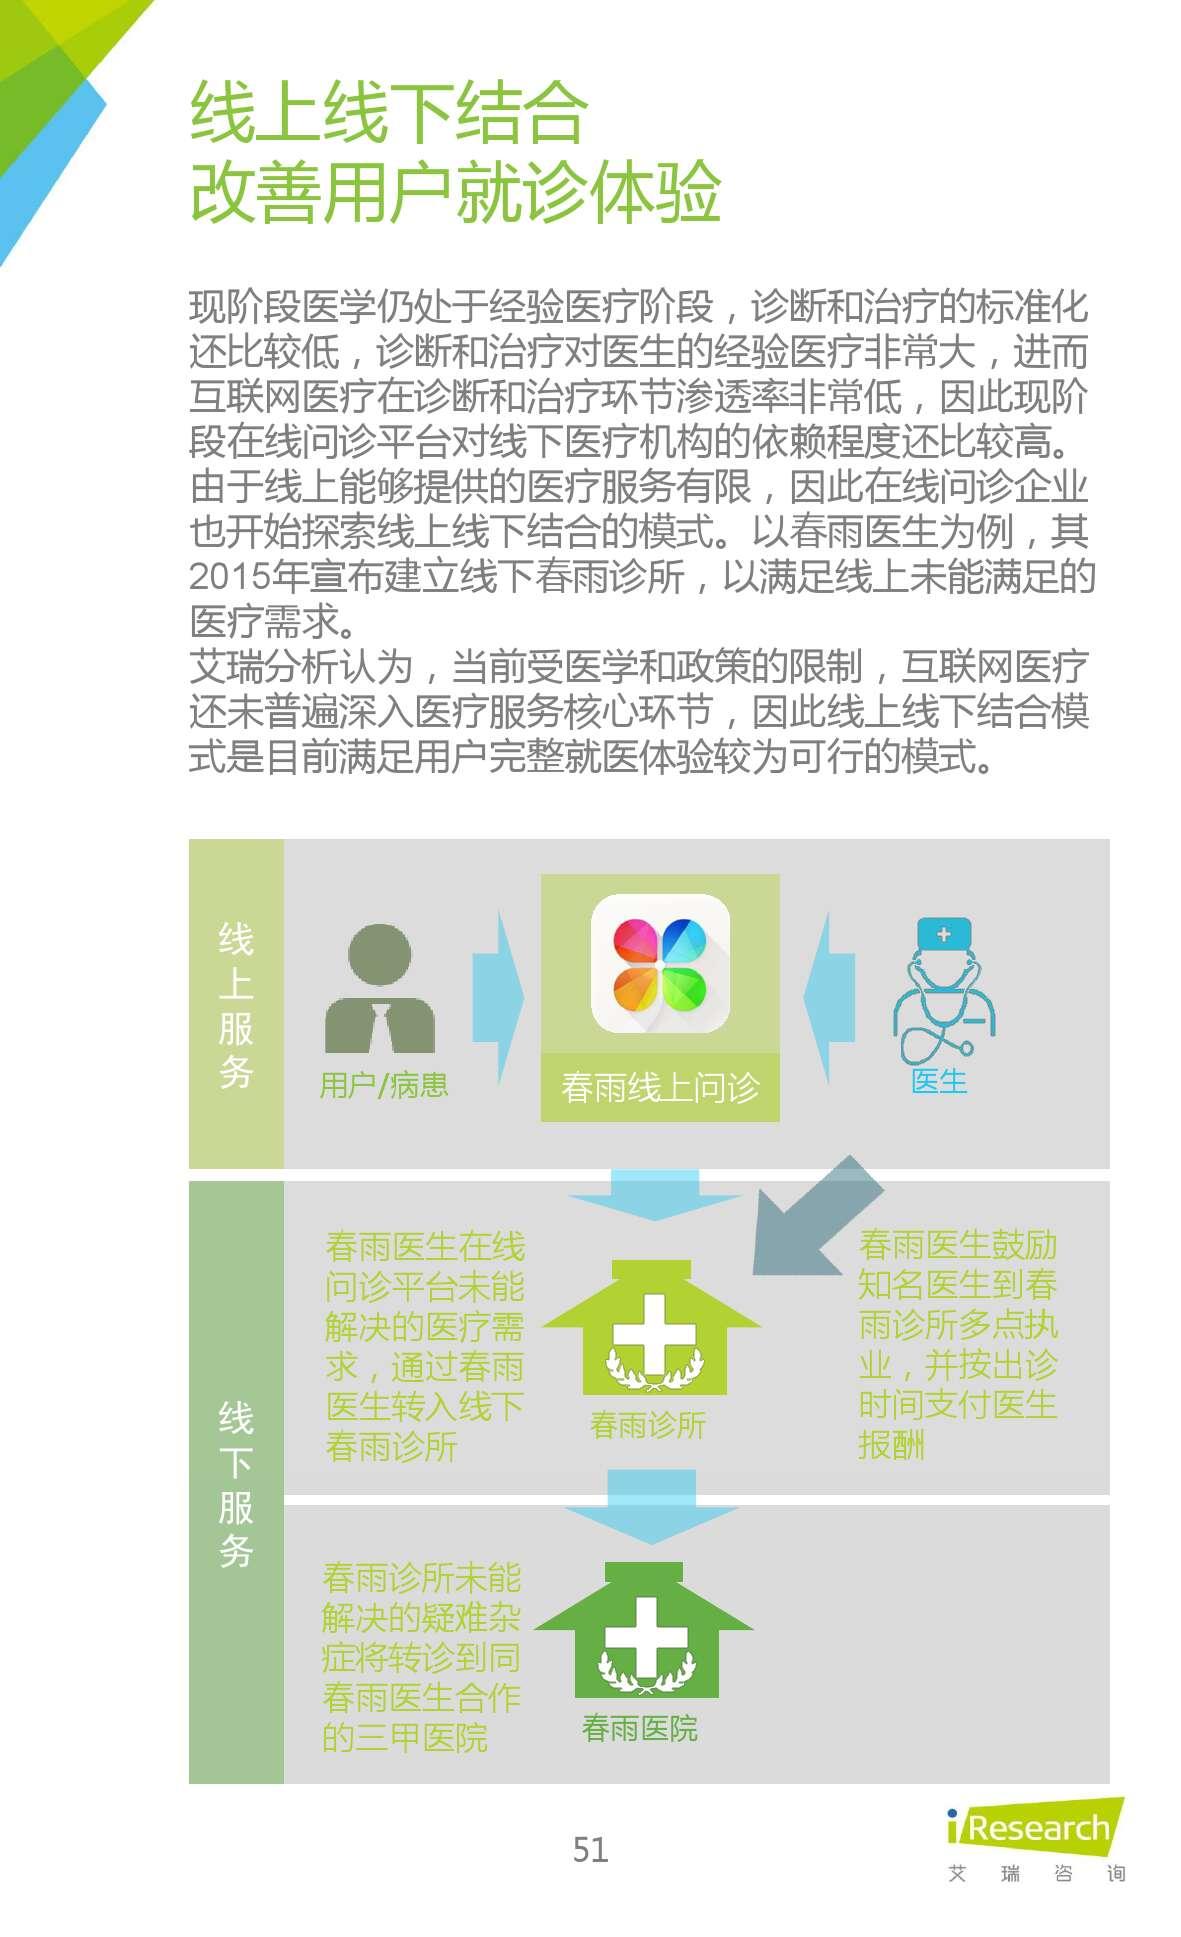 2015年中国在线问诊行业研究报告_000051